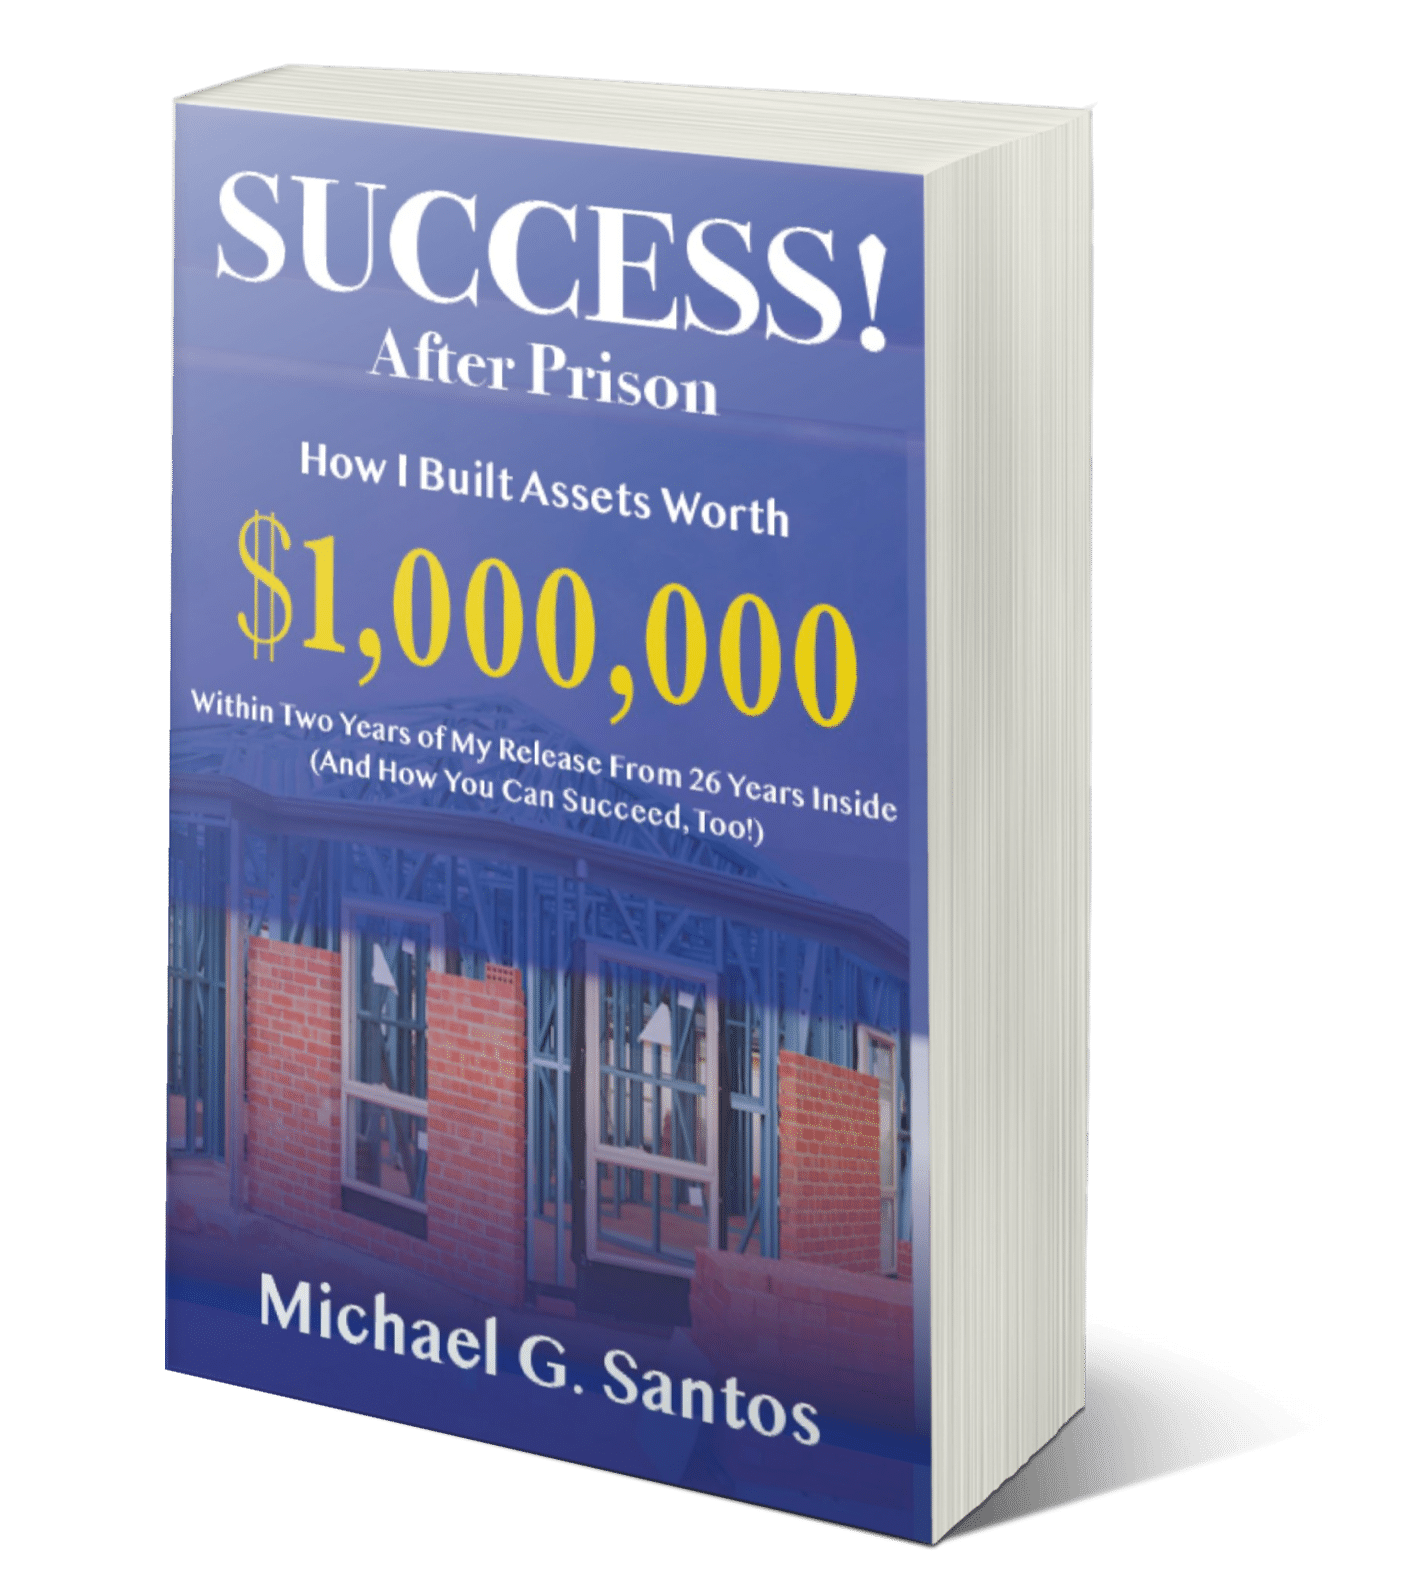 Success! After Prison